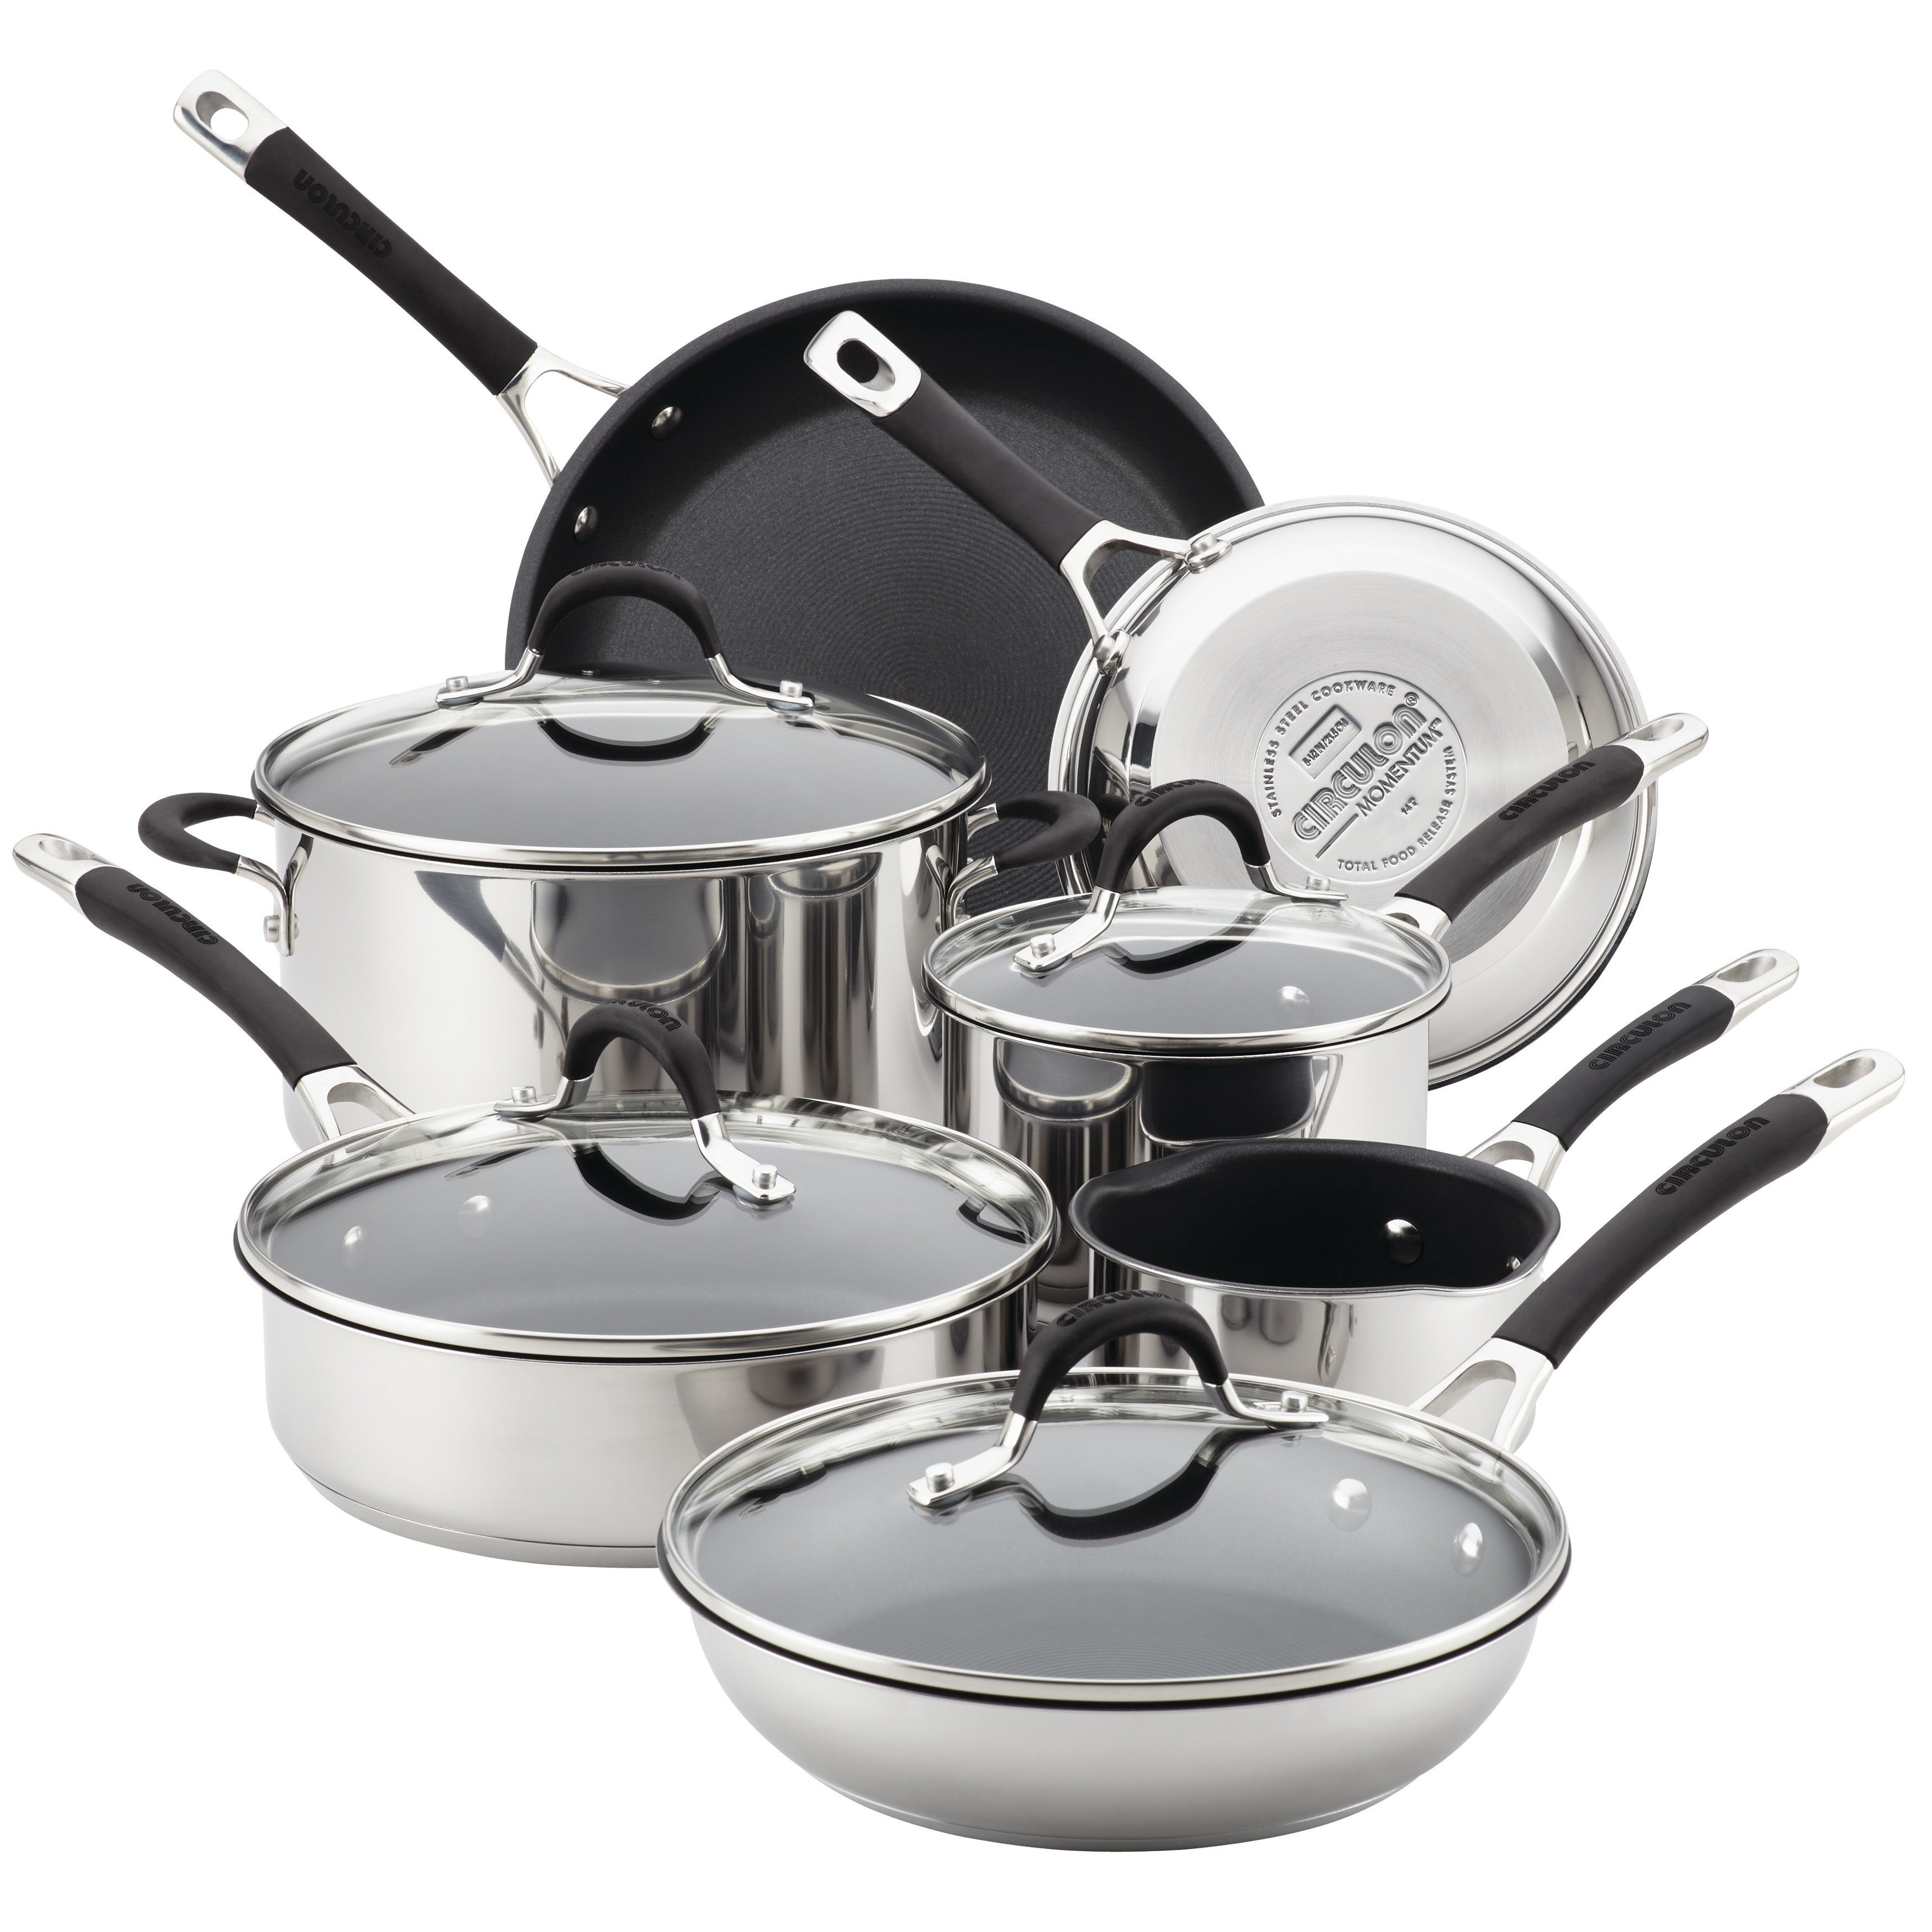 Shop Circulon Momentum Stainless Steel Nonstick 11 Piece Cookware